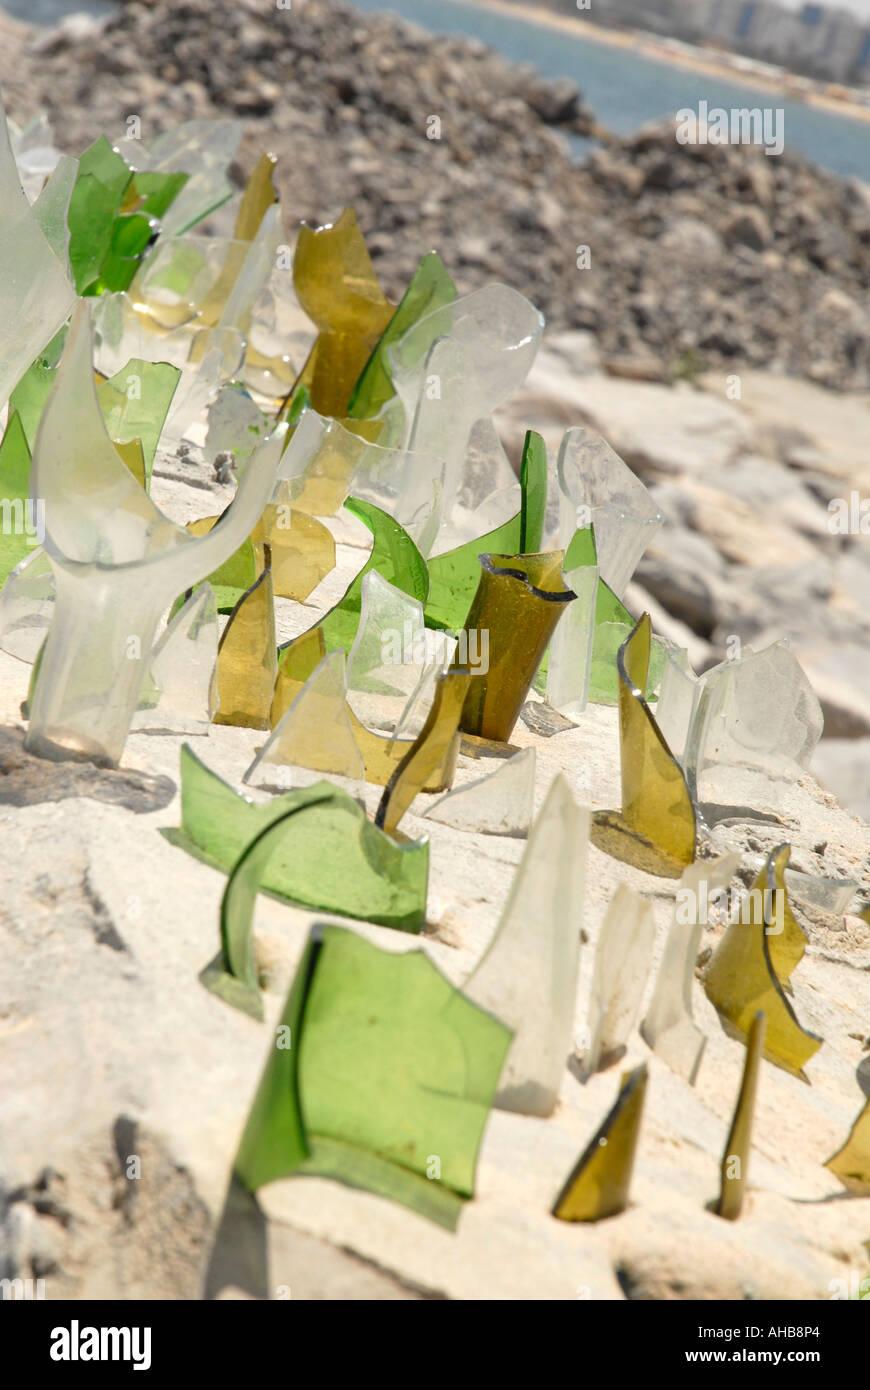 Broken Glass Bottles Wall Stock Photos & Broken Glass Bottles Wall ...